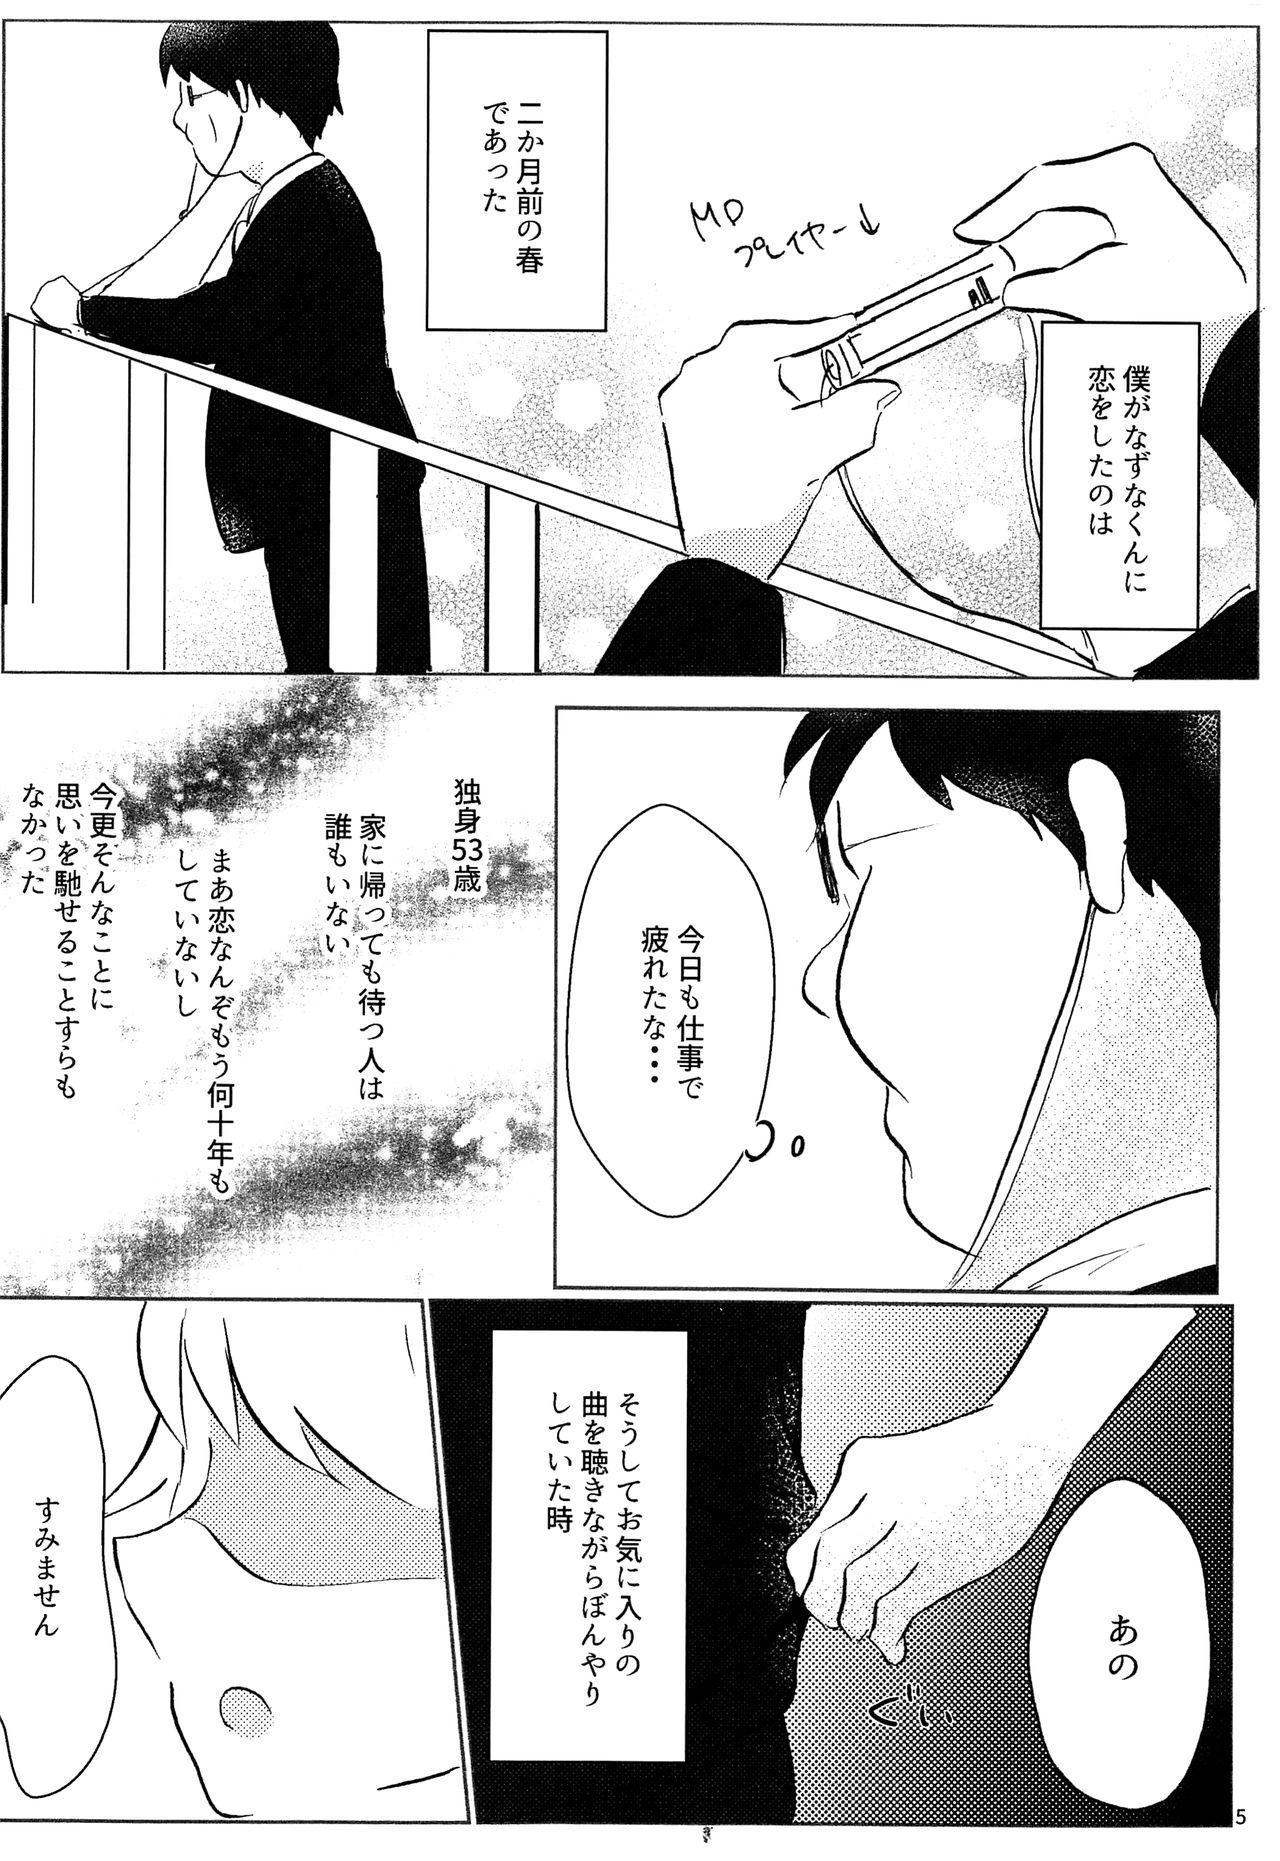 Nazuna-kun to Ecchi 4